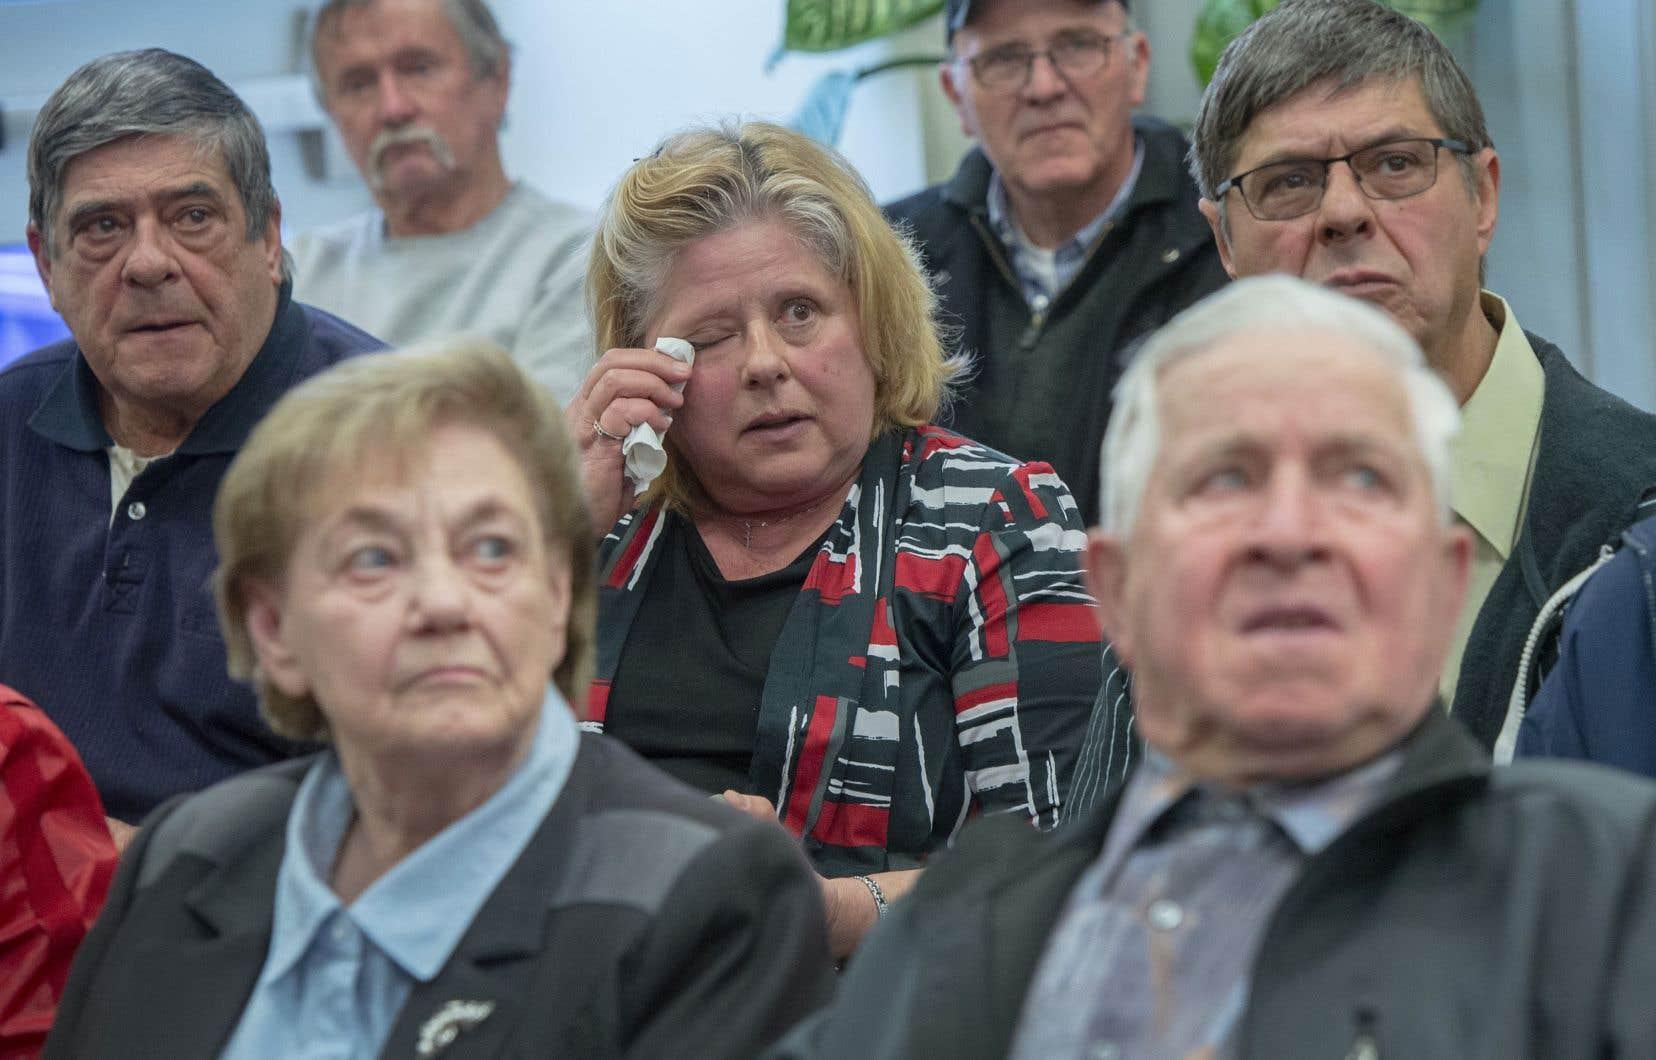 Des résidents lors de l'annonce, lundi à Mirabel, de la rétrocession de leurs terres 50 ans après qu'ils furent expropriés pour la construction de l'aéroport